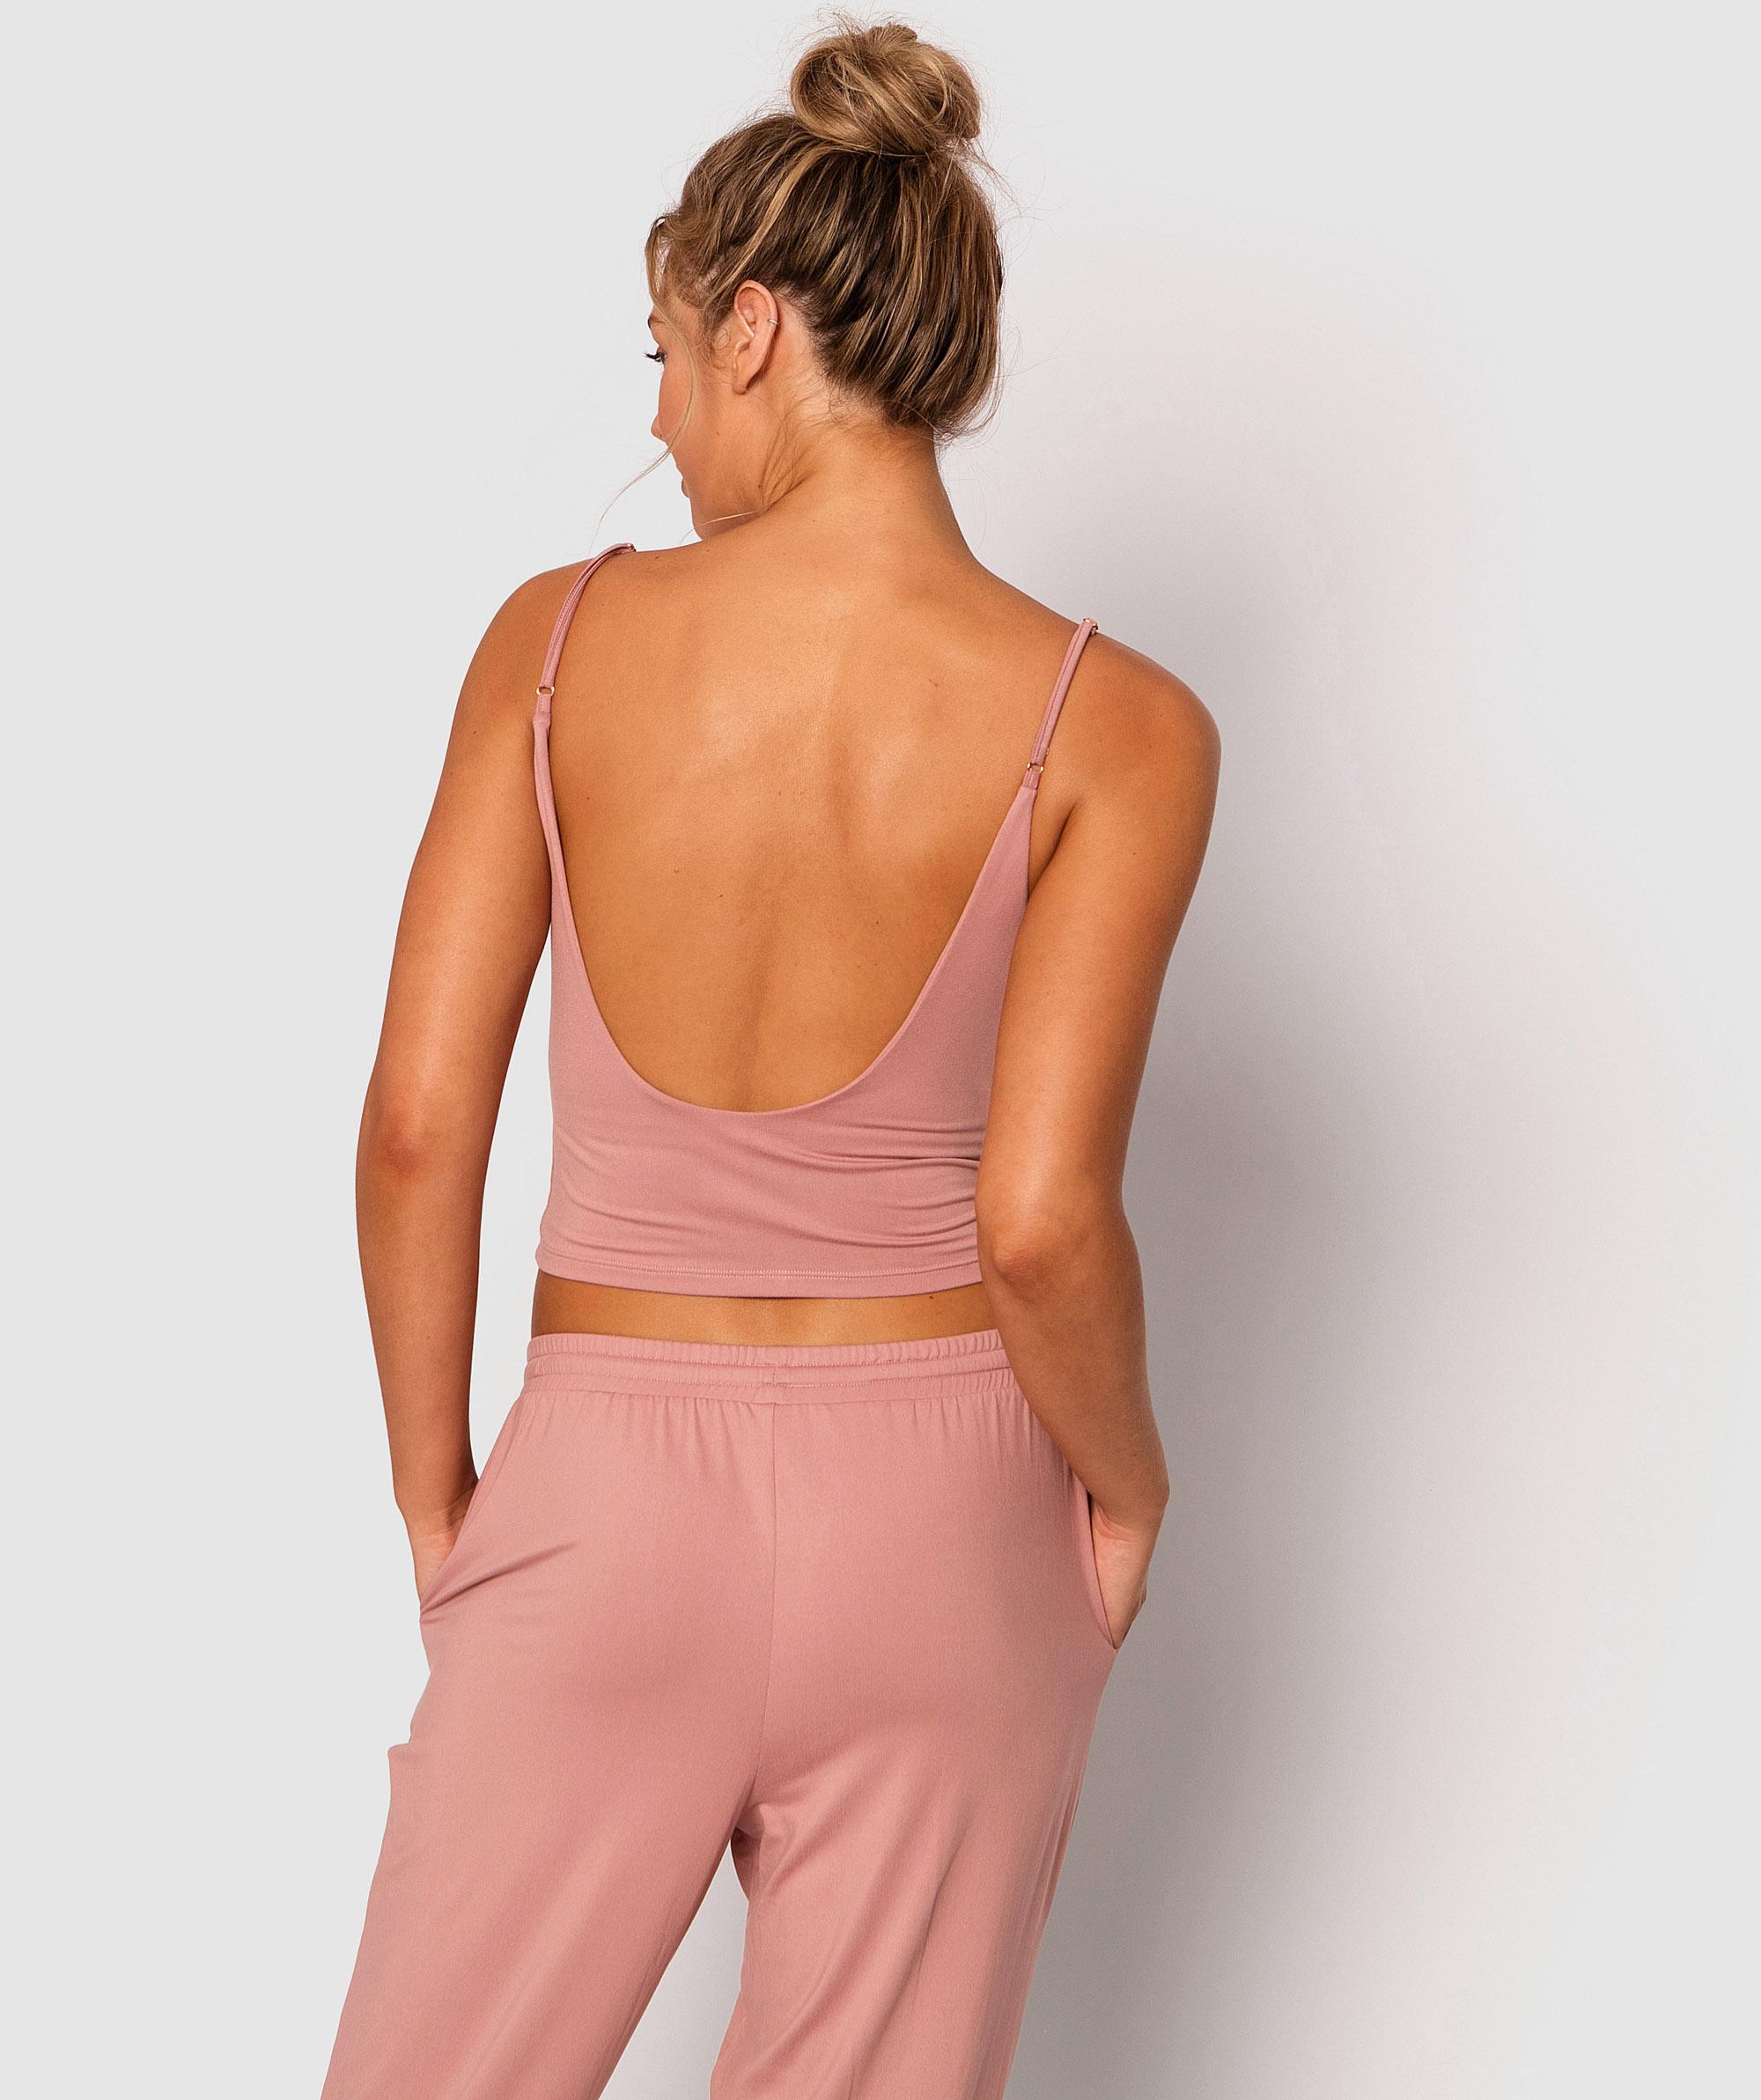 Style By Day Shelf Bra Cami - Pink